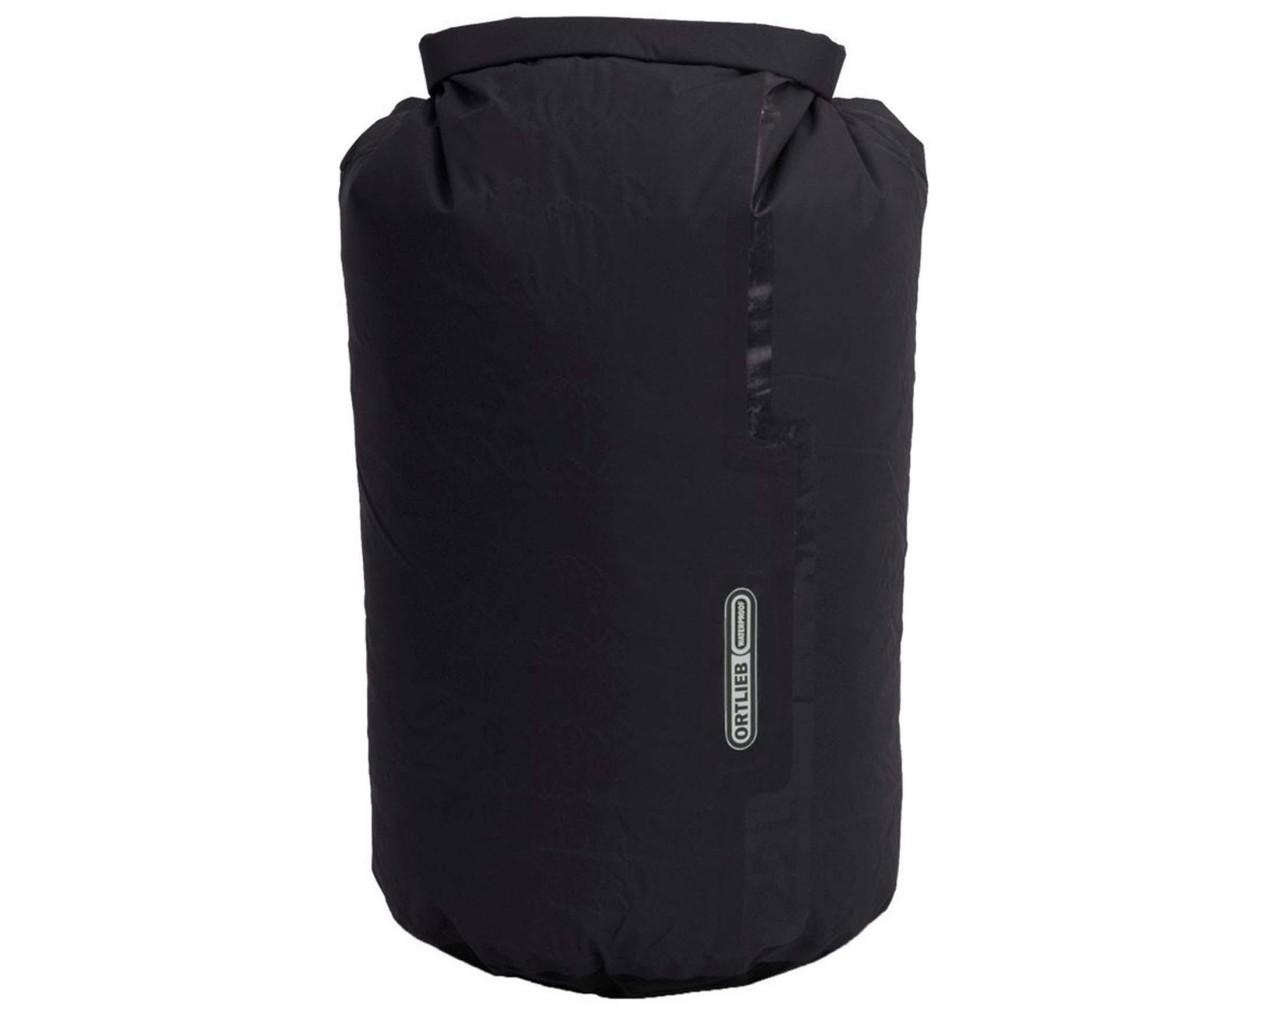 Ortlieb Packsack PS10 - 22 liter | black